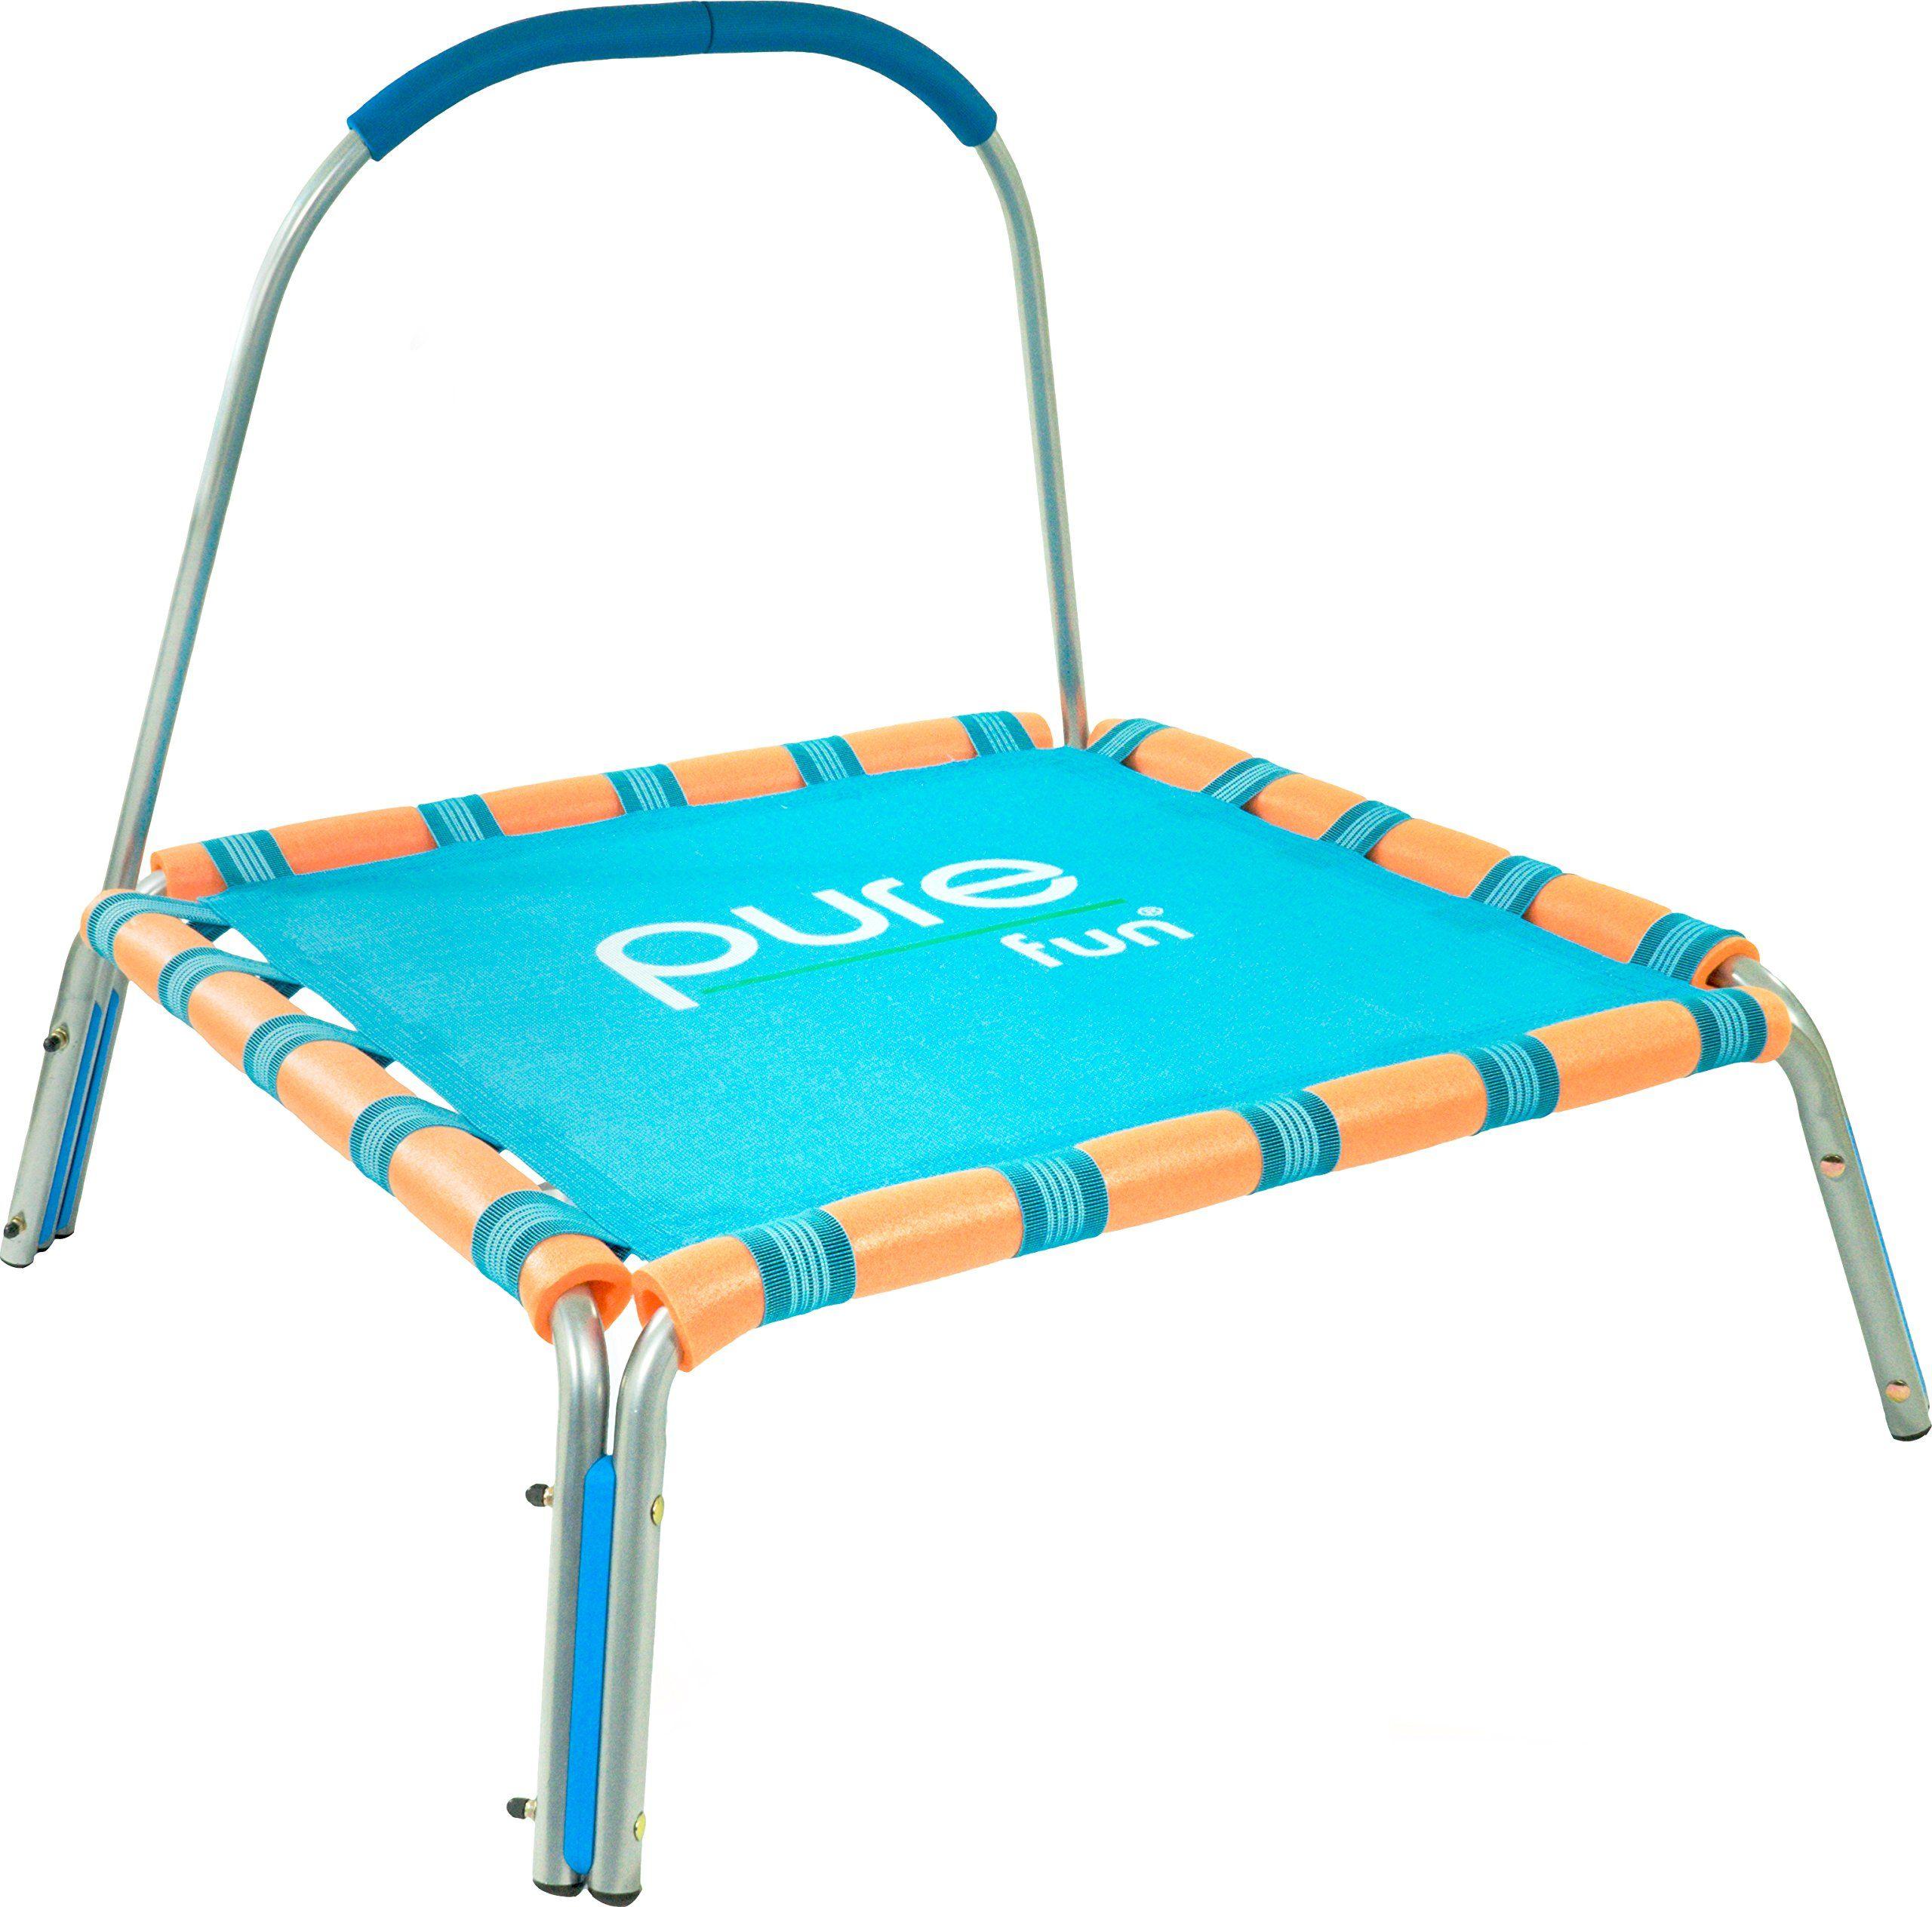 Pure Fun Kids Jumper Trampoline Kids trampoline, Toddler